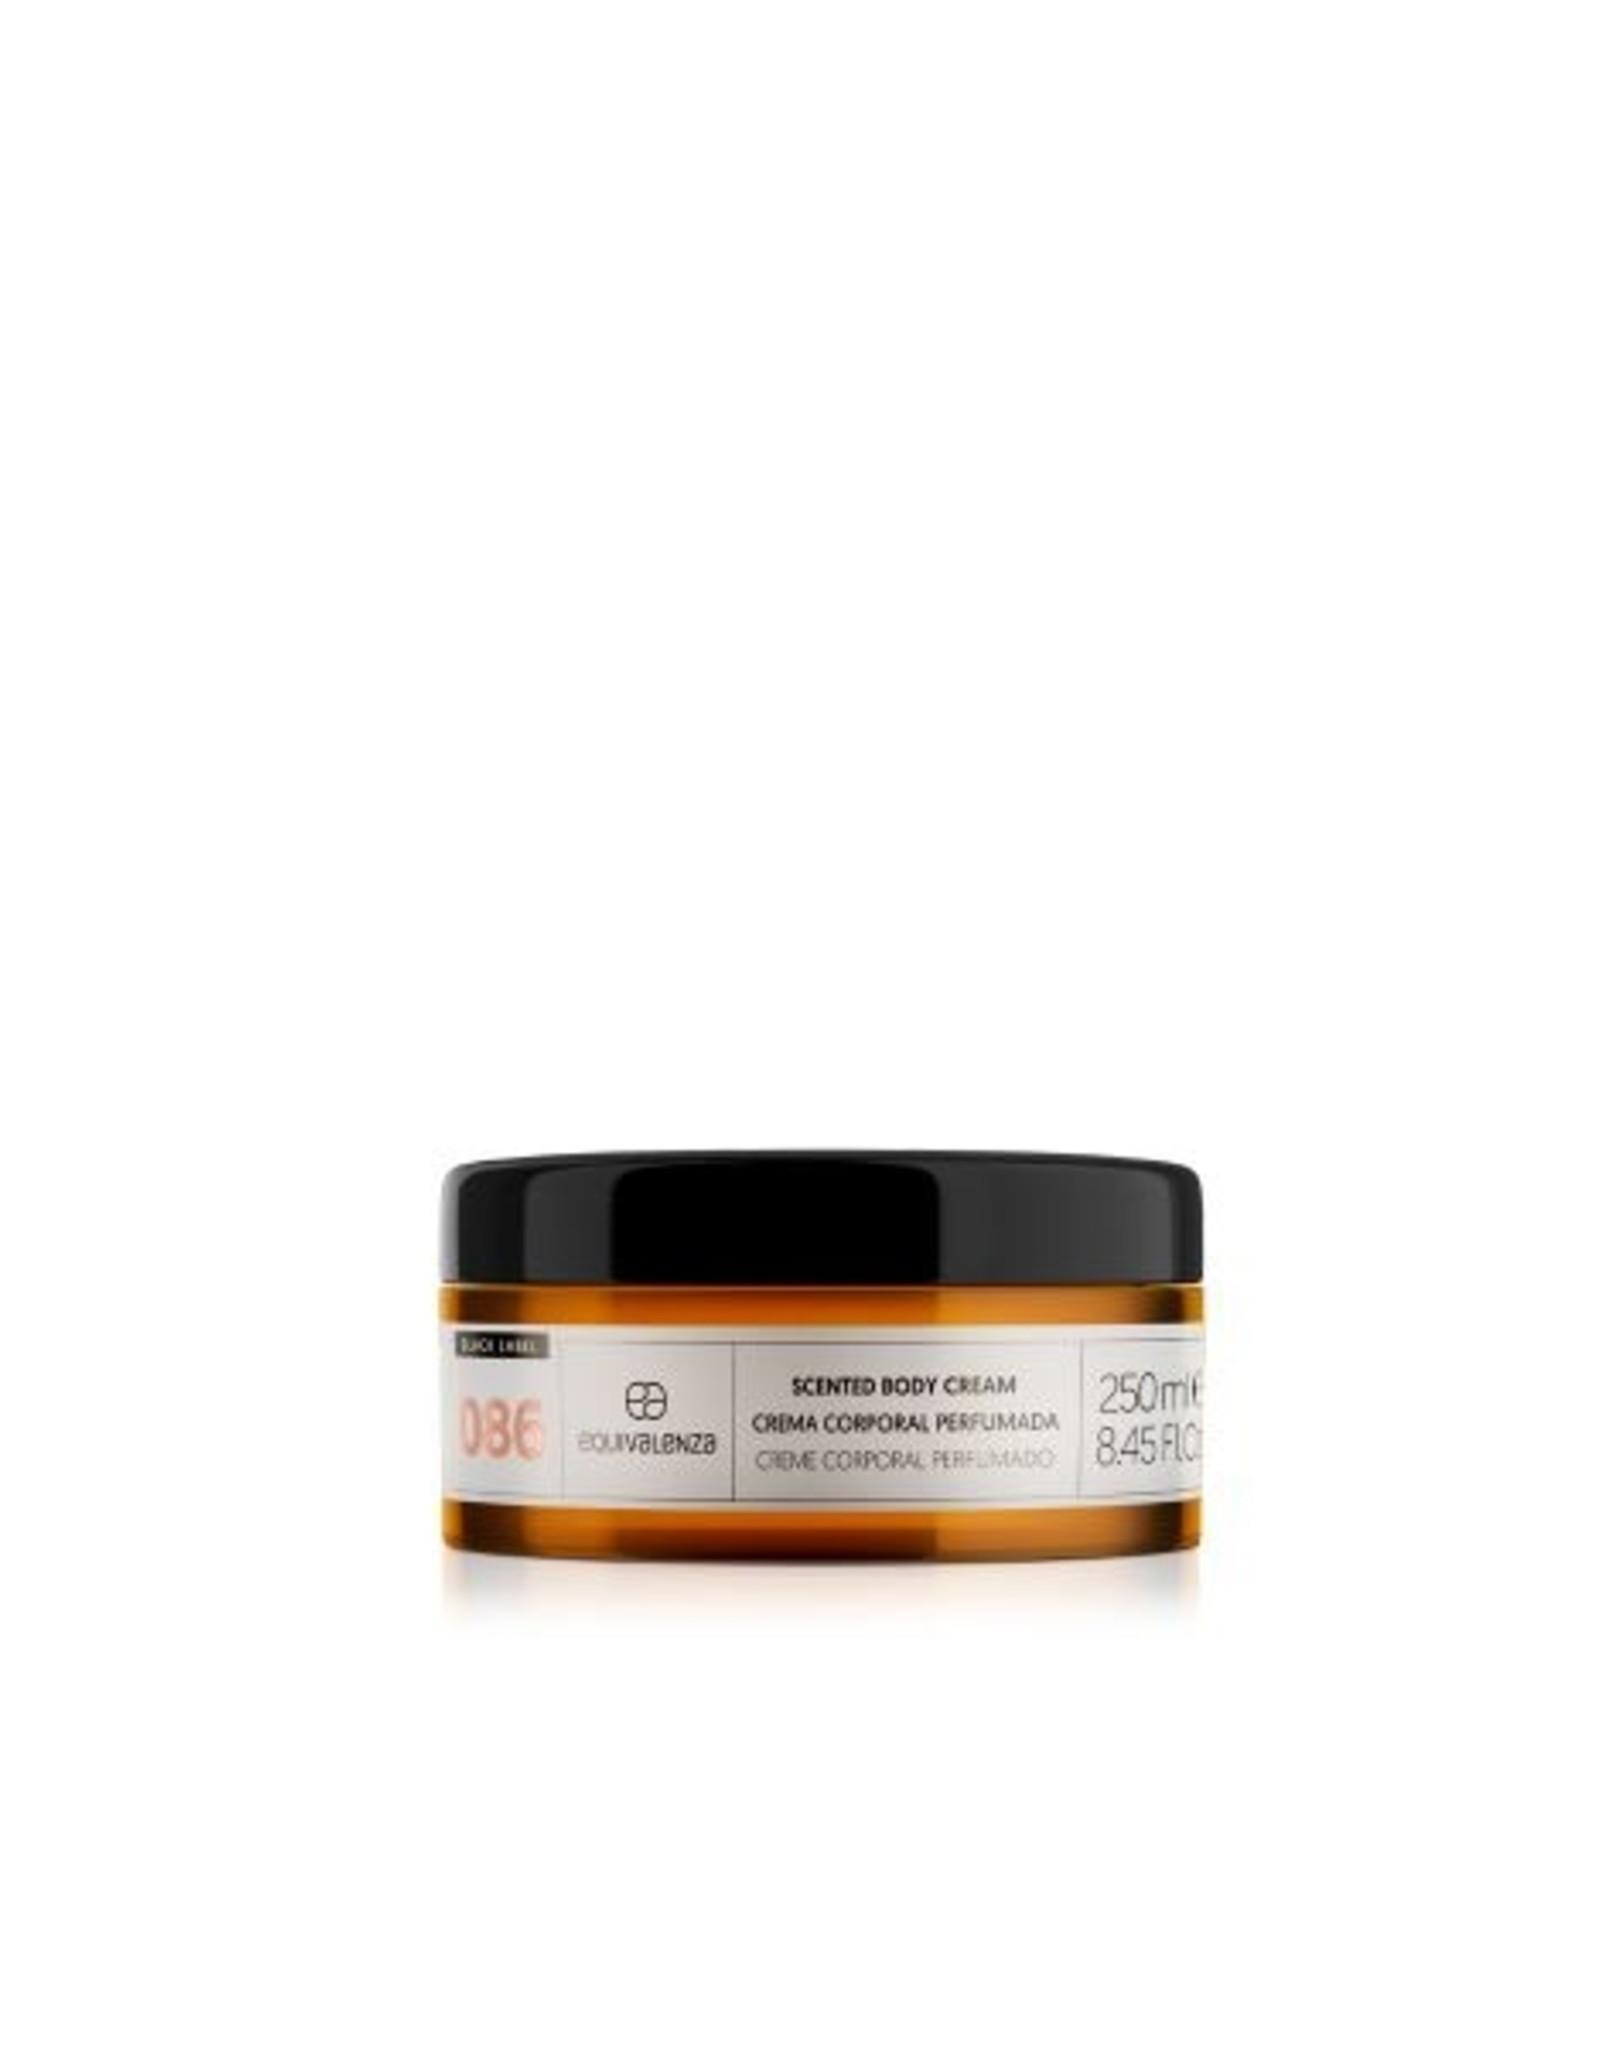 Equivalenza Crème Corporelle Black Label 086